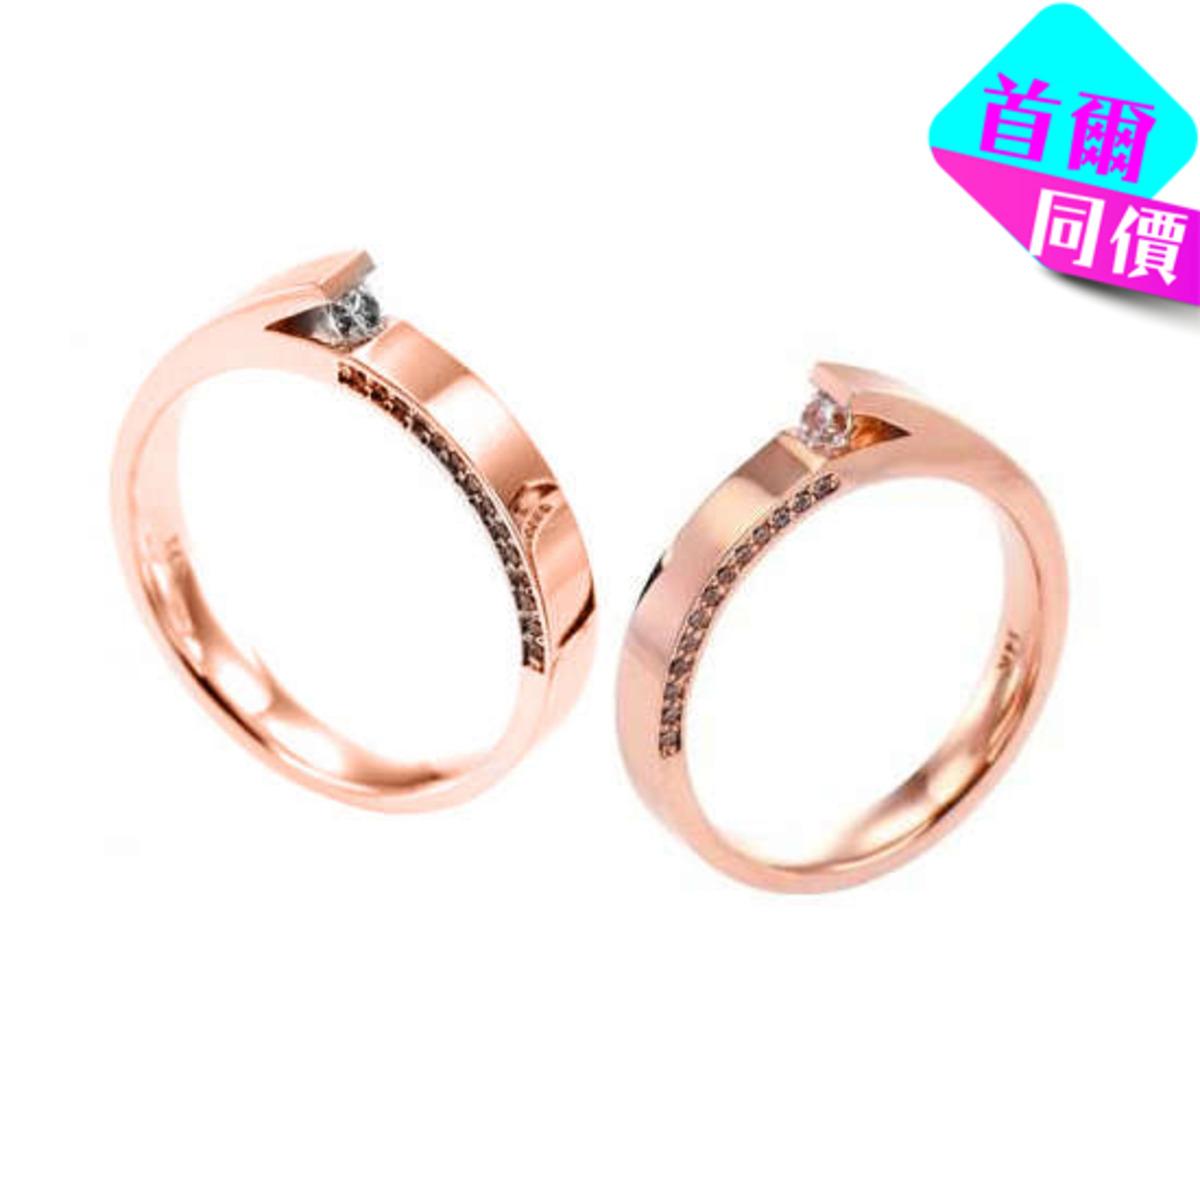 14K 側邊鑲石情侶戒指 (男款)